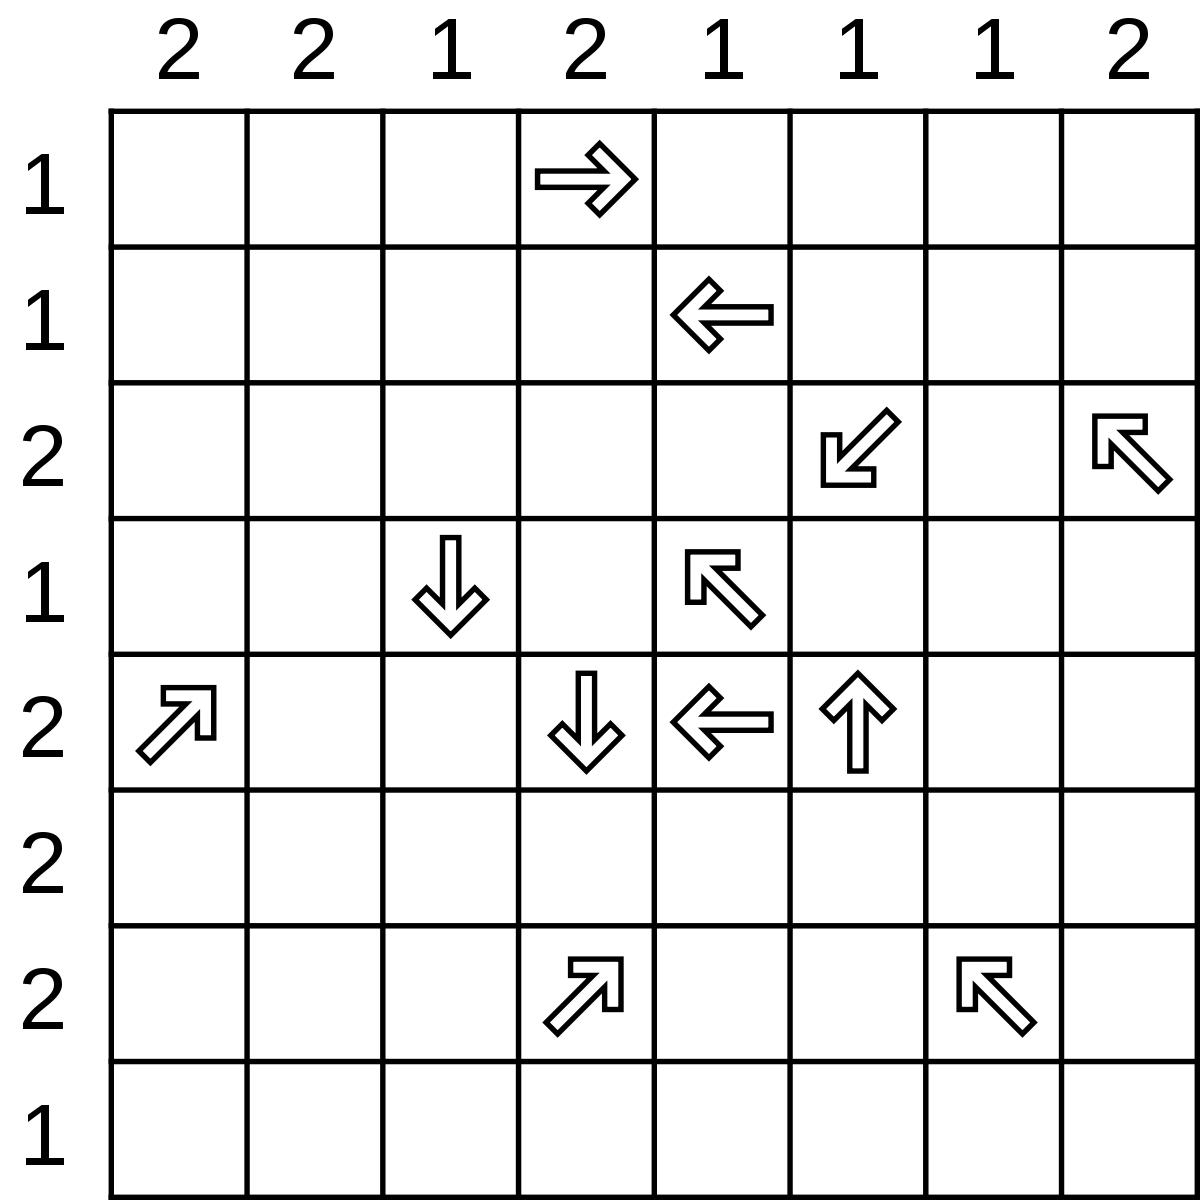 Shinro - Wikipedia